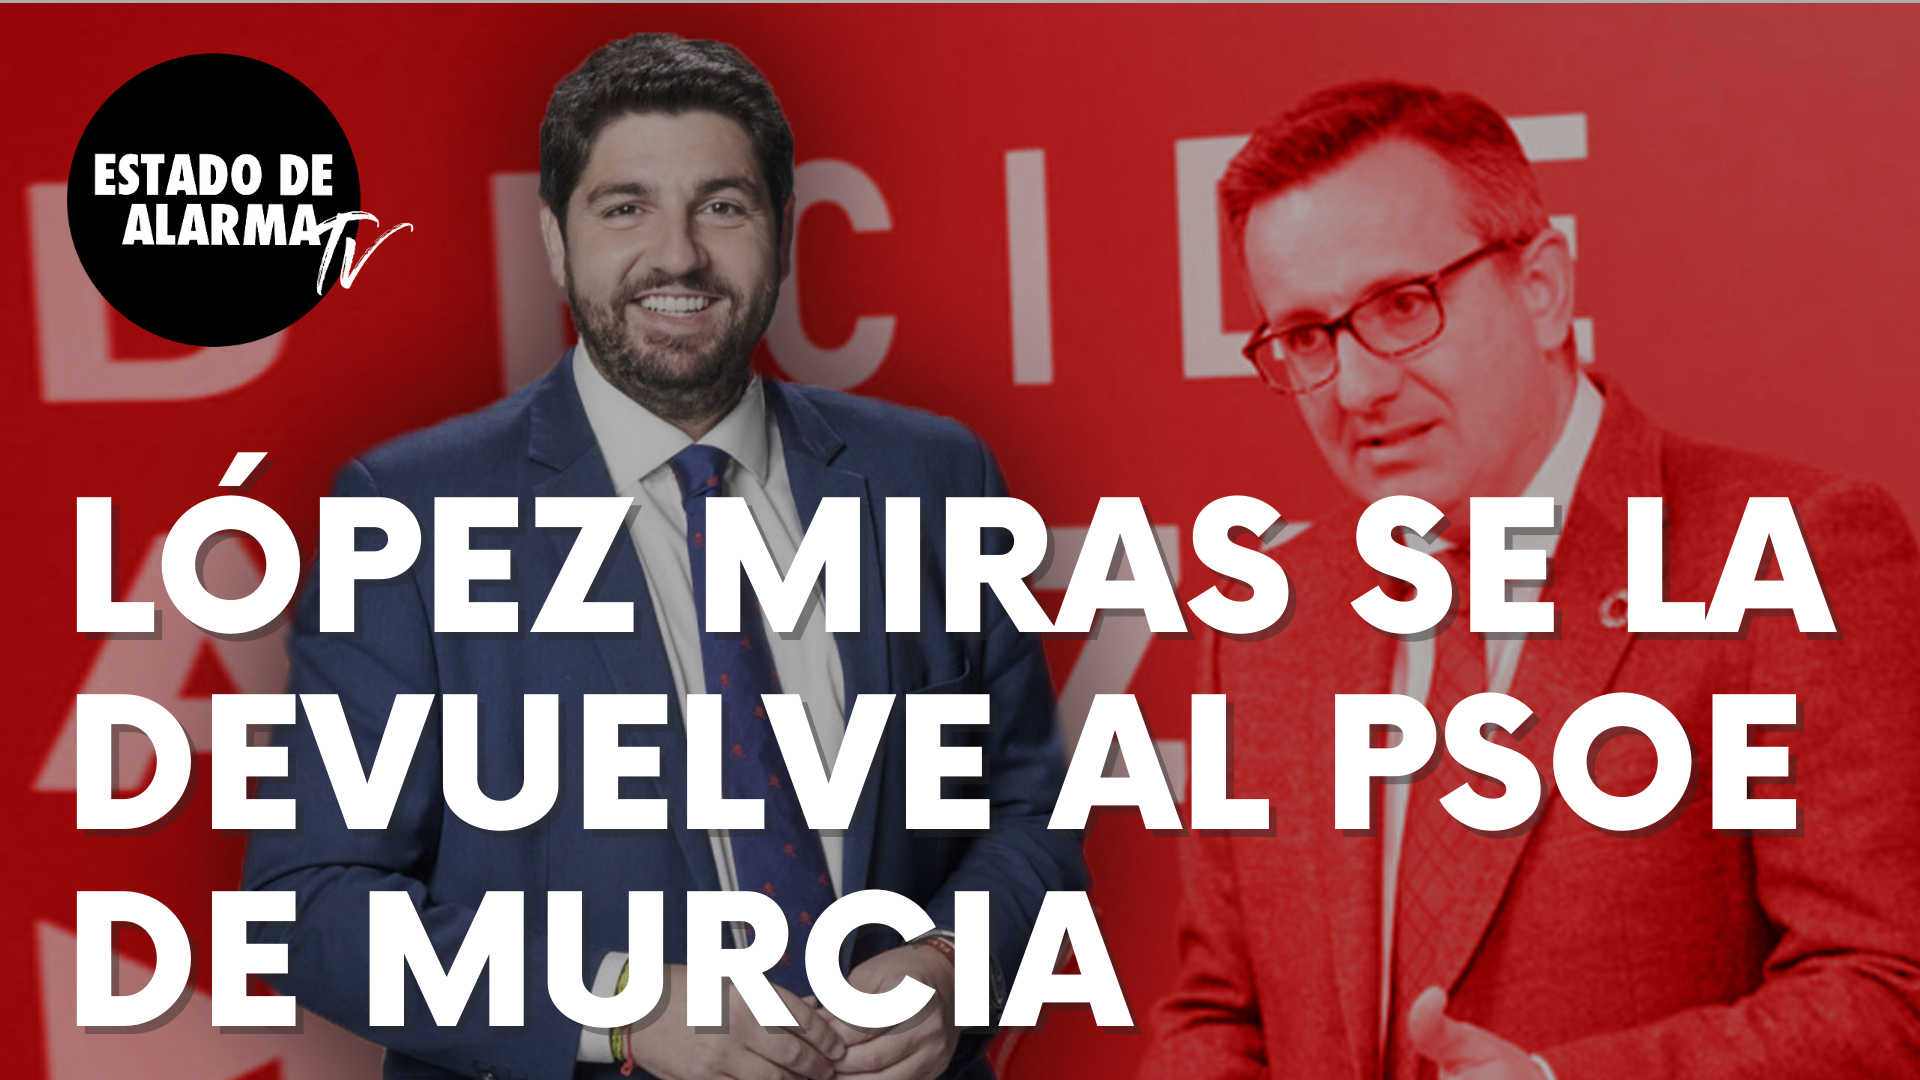 El presidente murciano, Fernando López Miras, se la devuelve al socialista Conesa